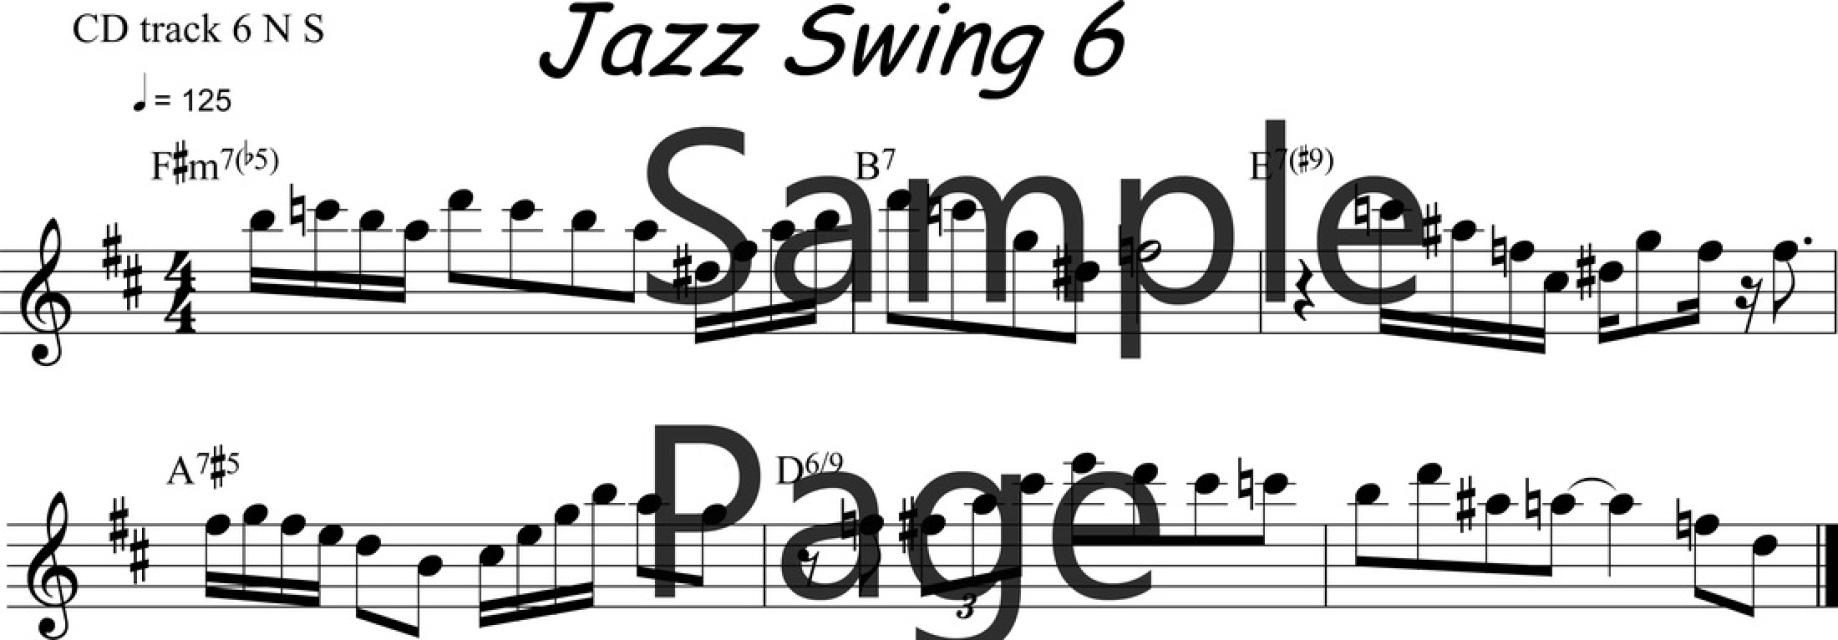 Lesson 6 PDF/MP3/MIDI/MP4video file ADG037-06 Bb version